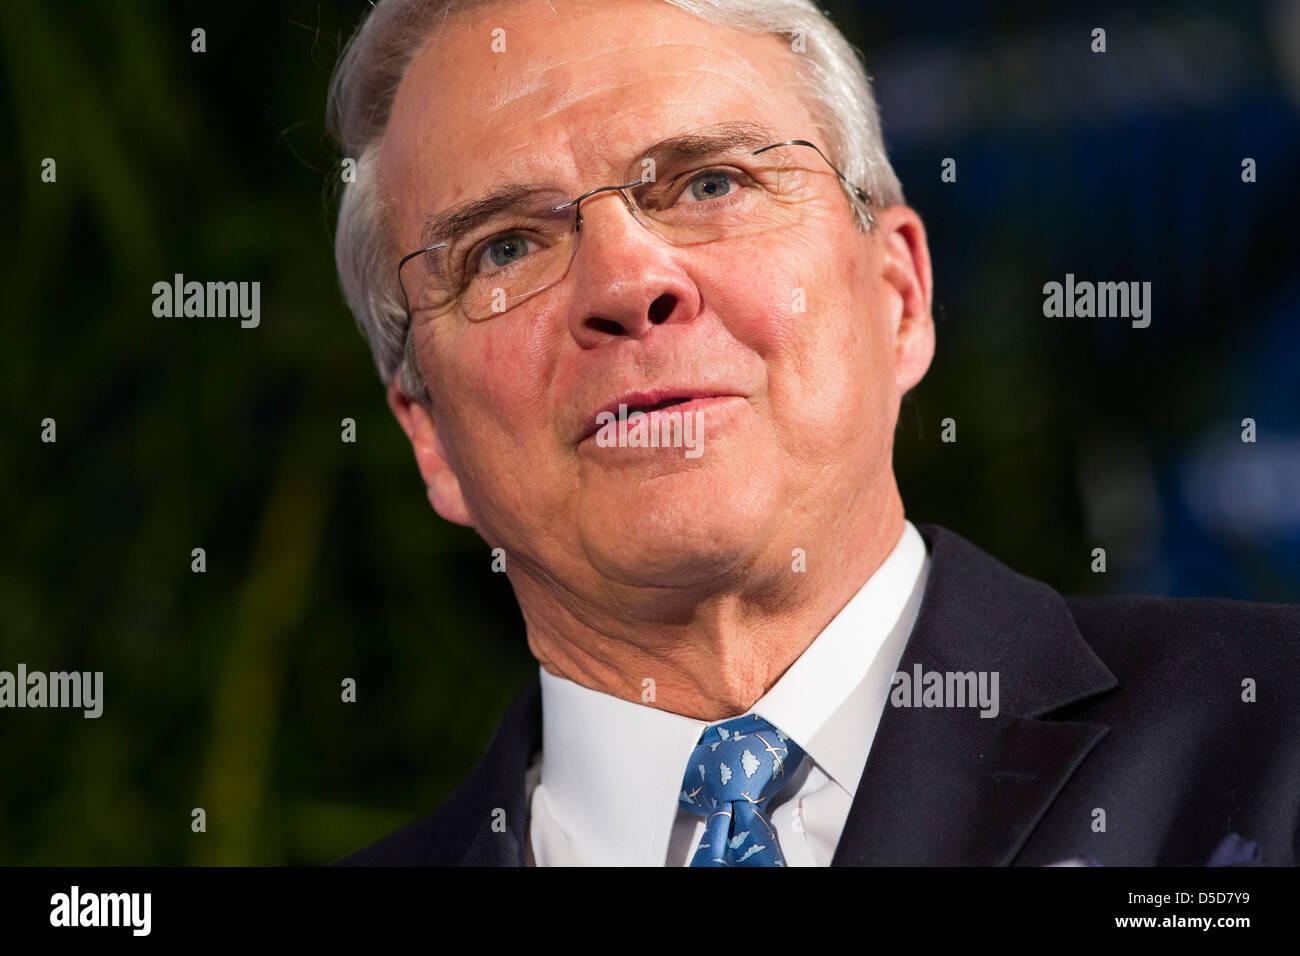 T. Allan McArtor, presidente di Airbus Americas. Immagini Stock